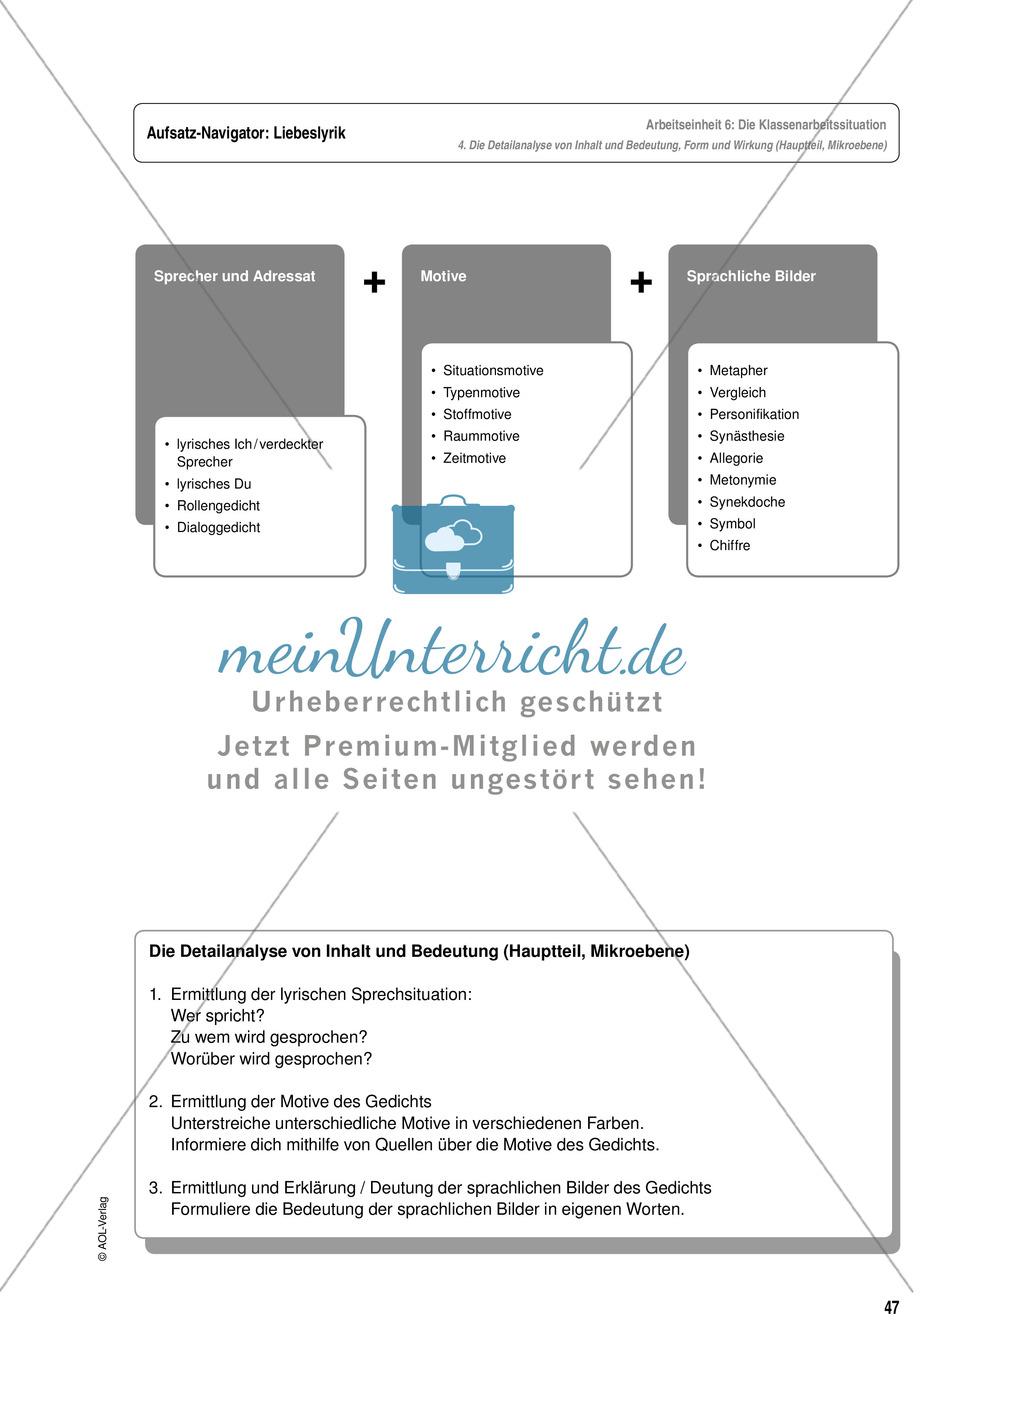 Arbeitseinheit zur Gestaltung einer Analyse / Interpretation von Liebeslyrik - Vorbereitung auf die Klassenarbeitssituation Preview 6